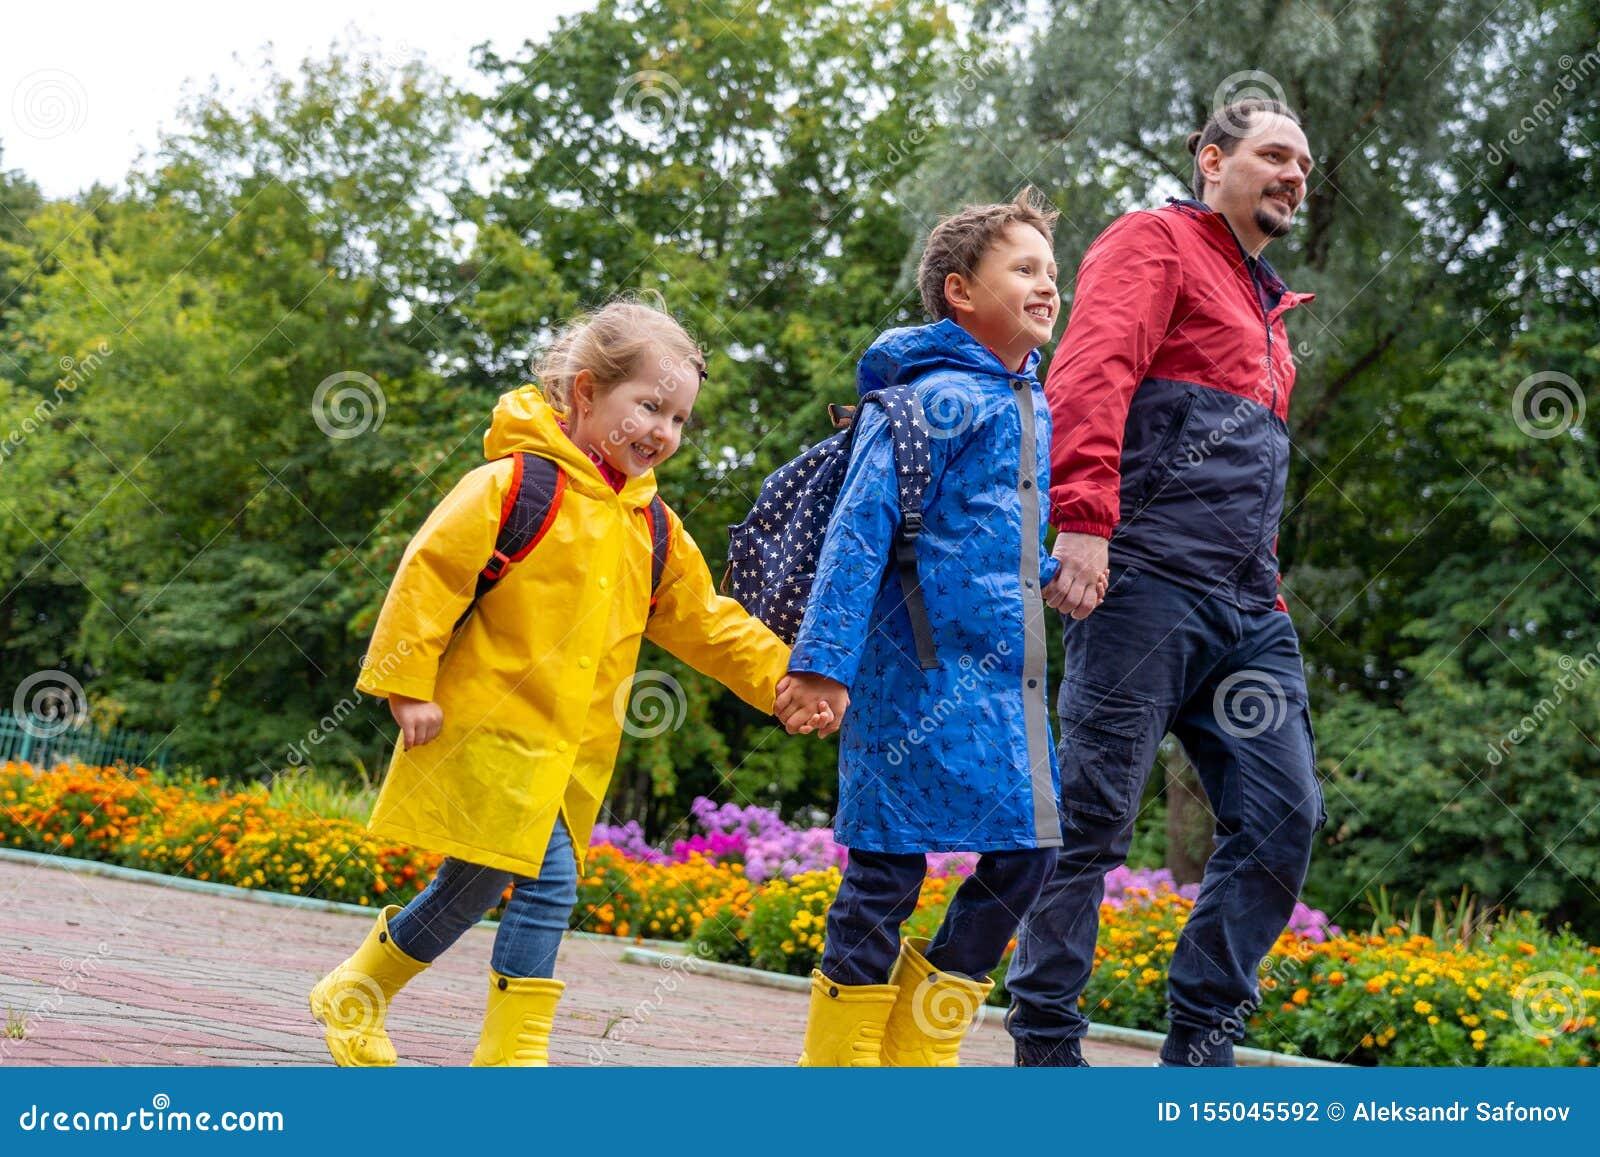 Niños felices con risa de la alegría de ir a enseñar, vestido en impermeables, con una cartera detrás de la mochila